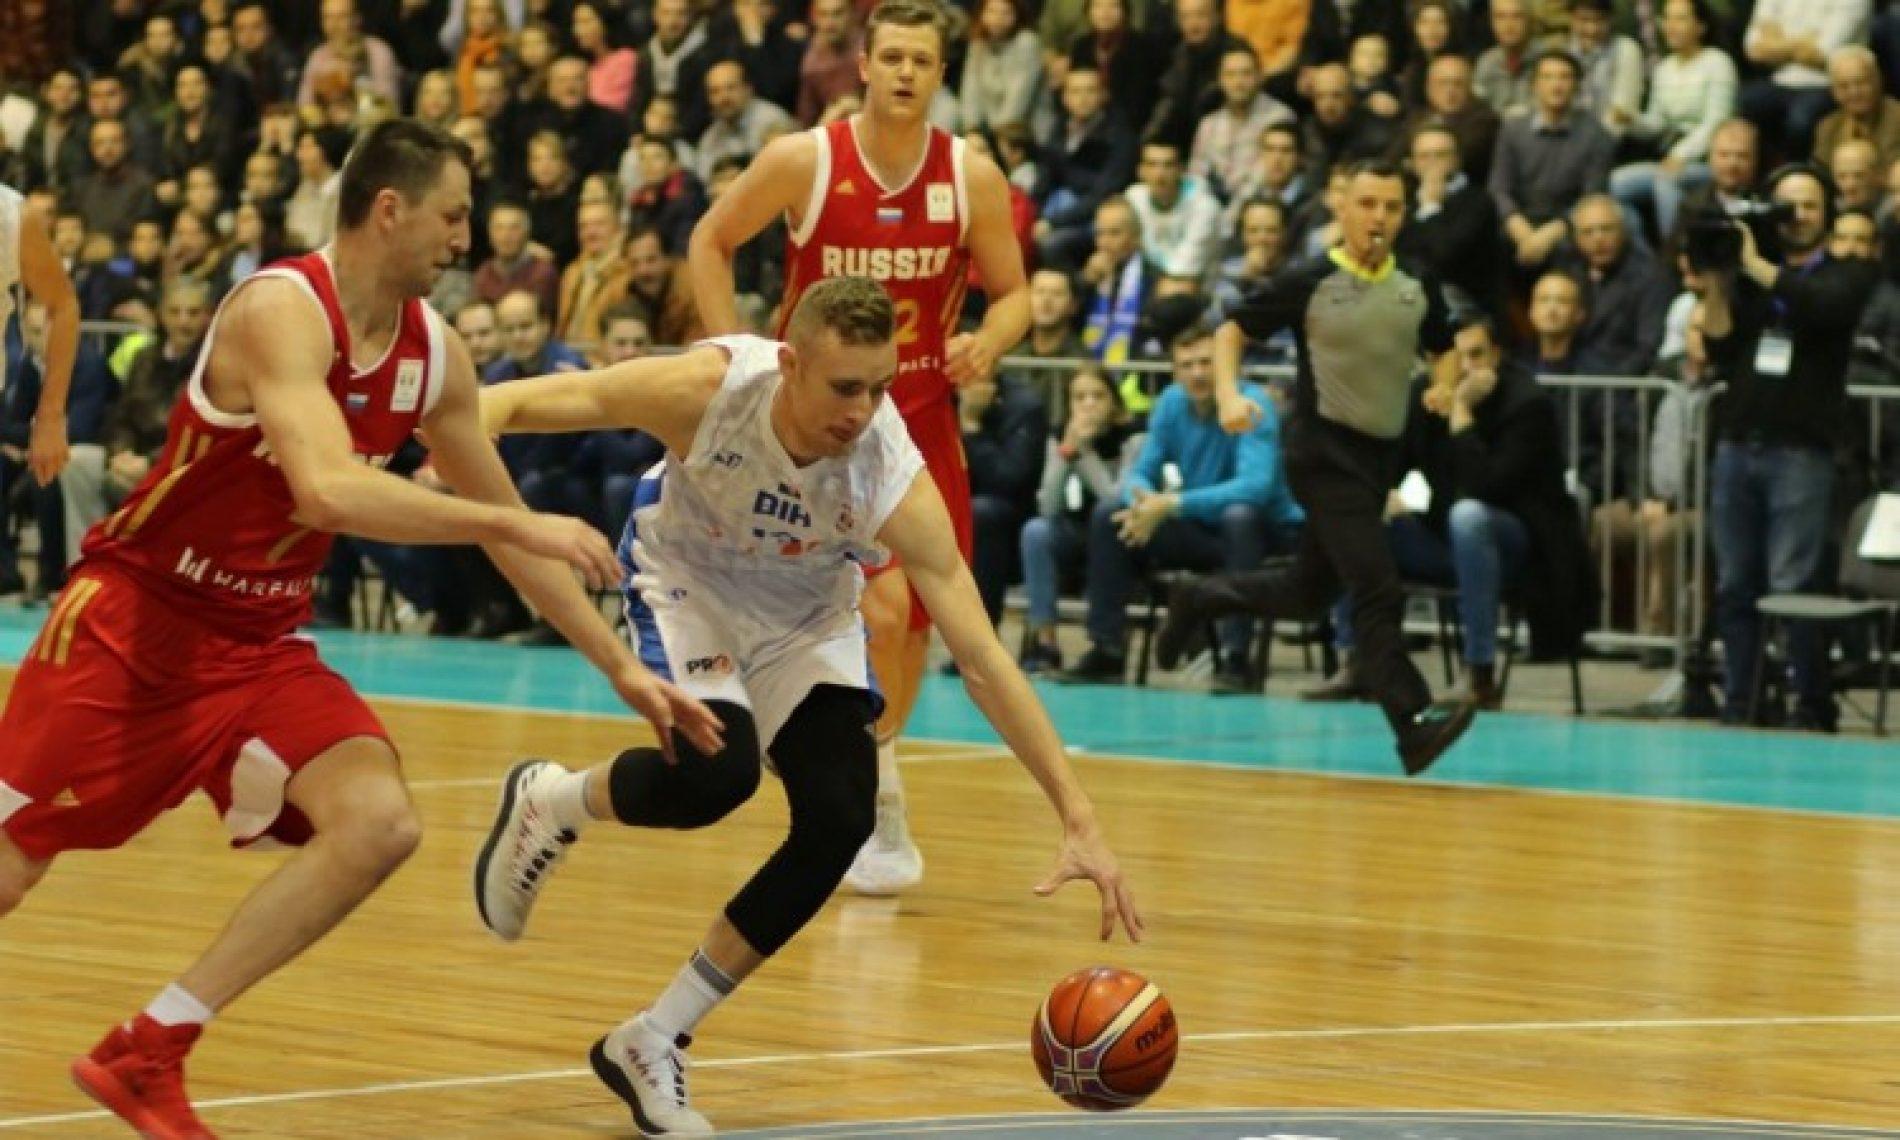 Rusija pala u Skenderiji – Pobjeda bosanskih košarkaša u kvalifikacijama za SP